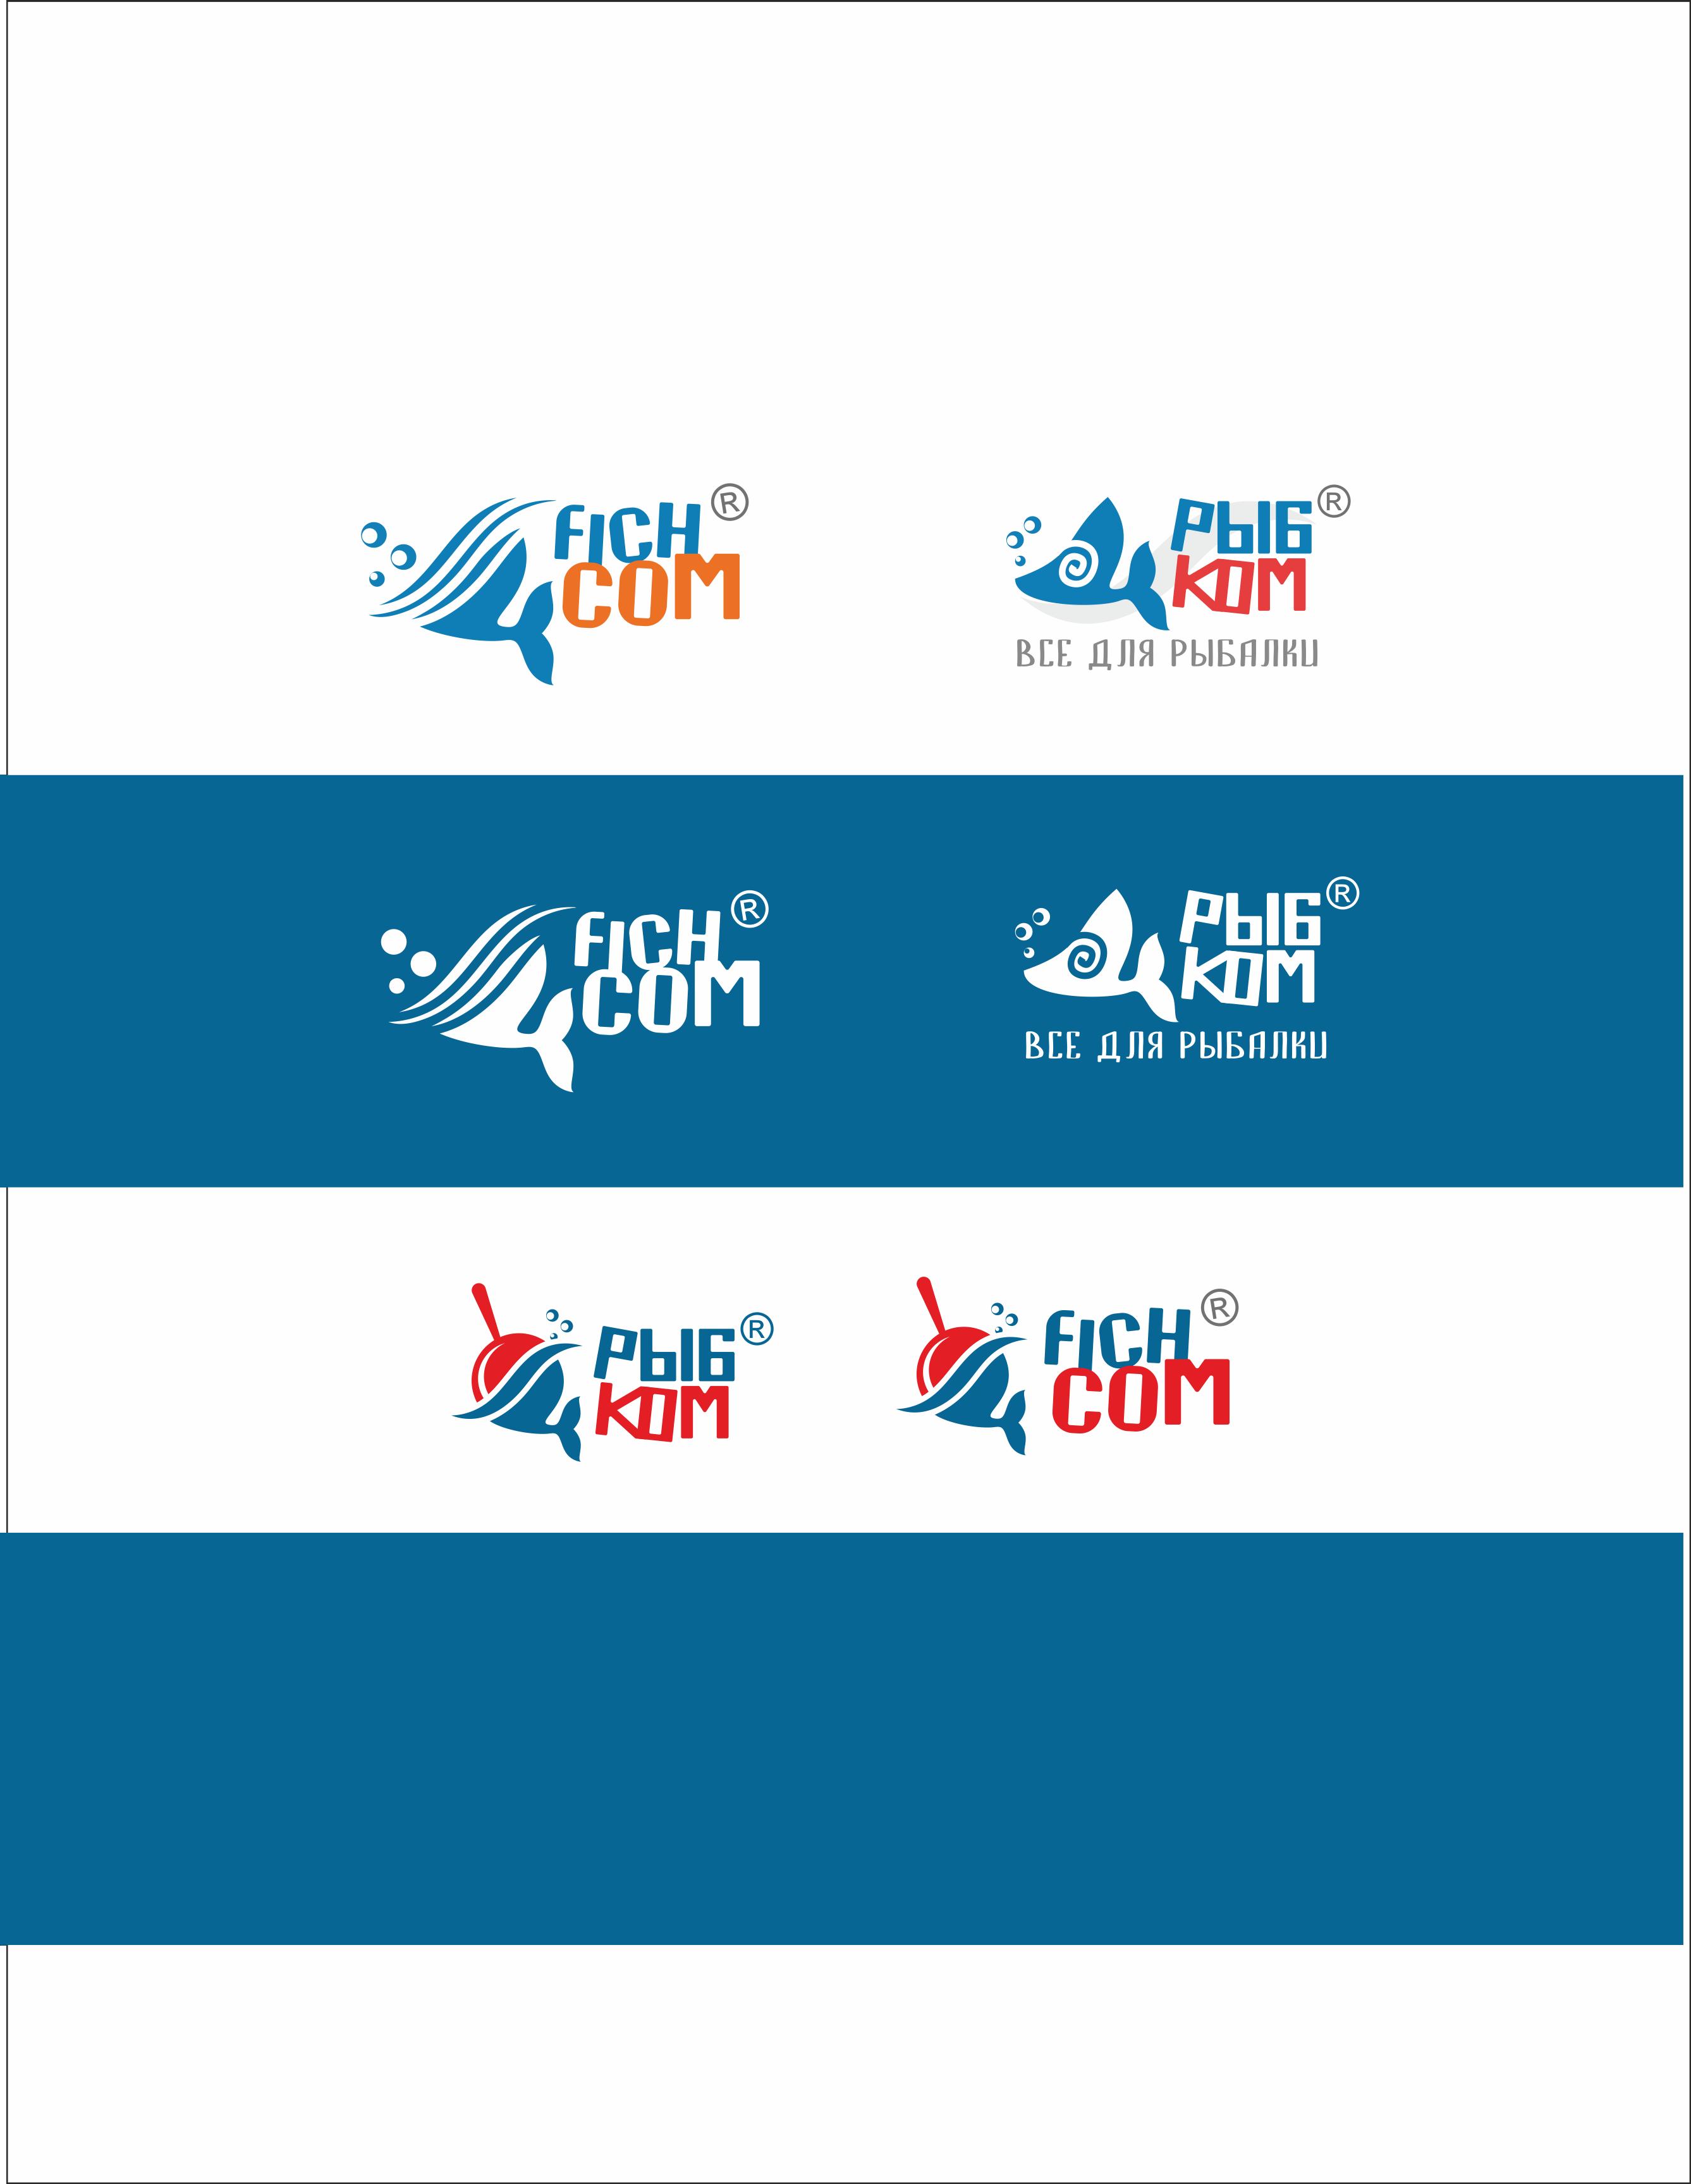 Создание логотипа и брэндбука для компании РЫБКОМ фото f_1595c193c4acc7bb.png